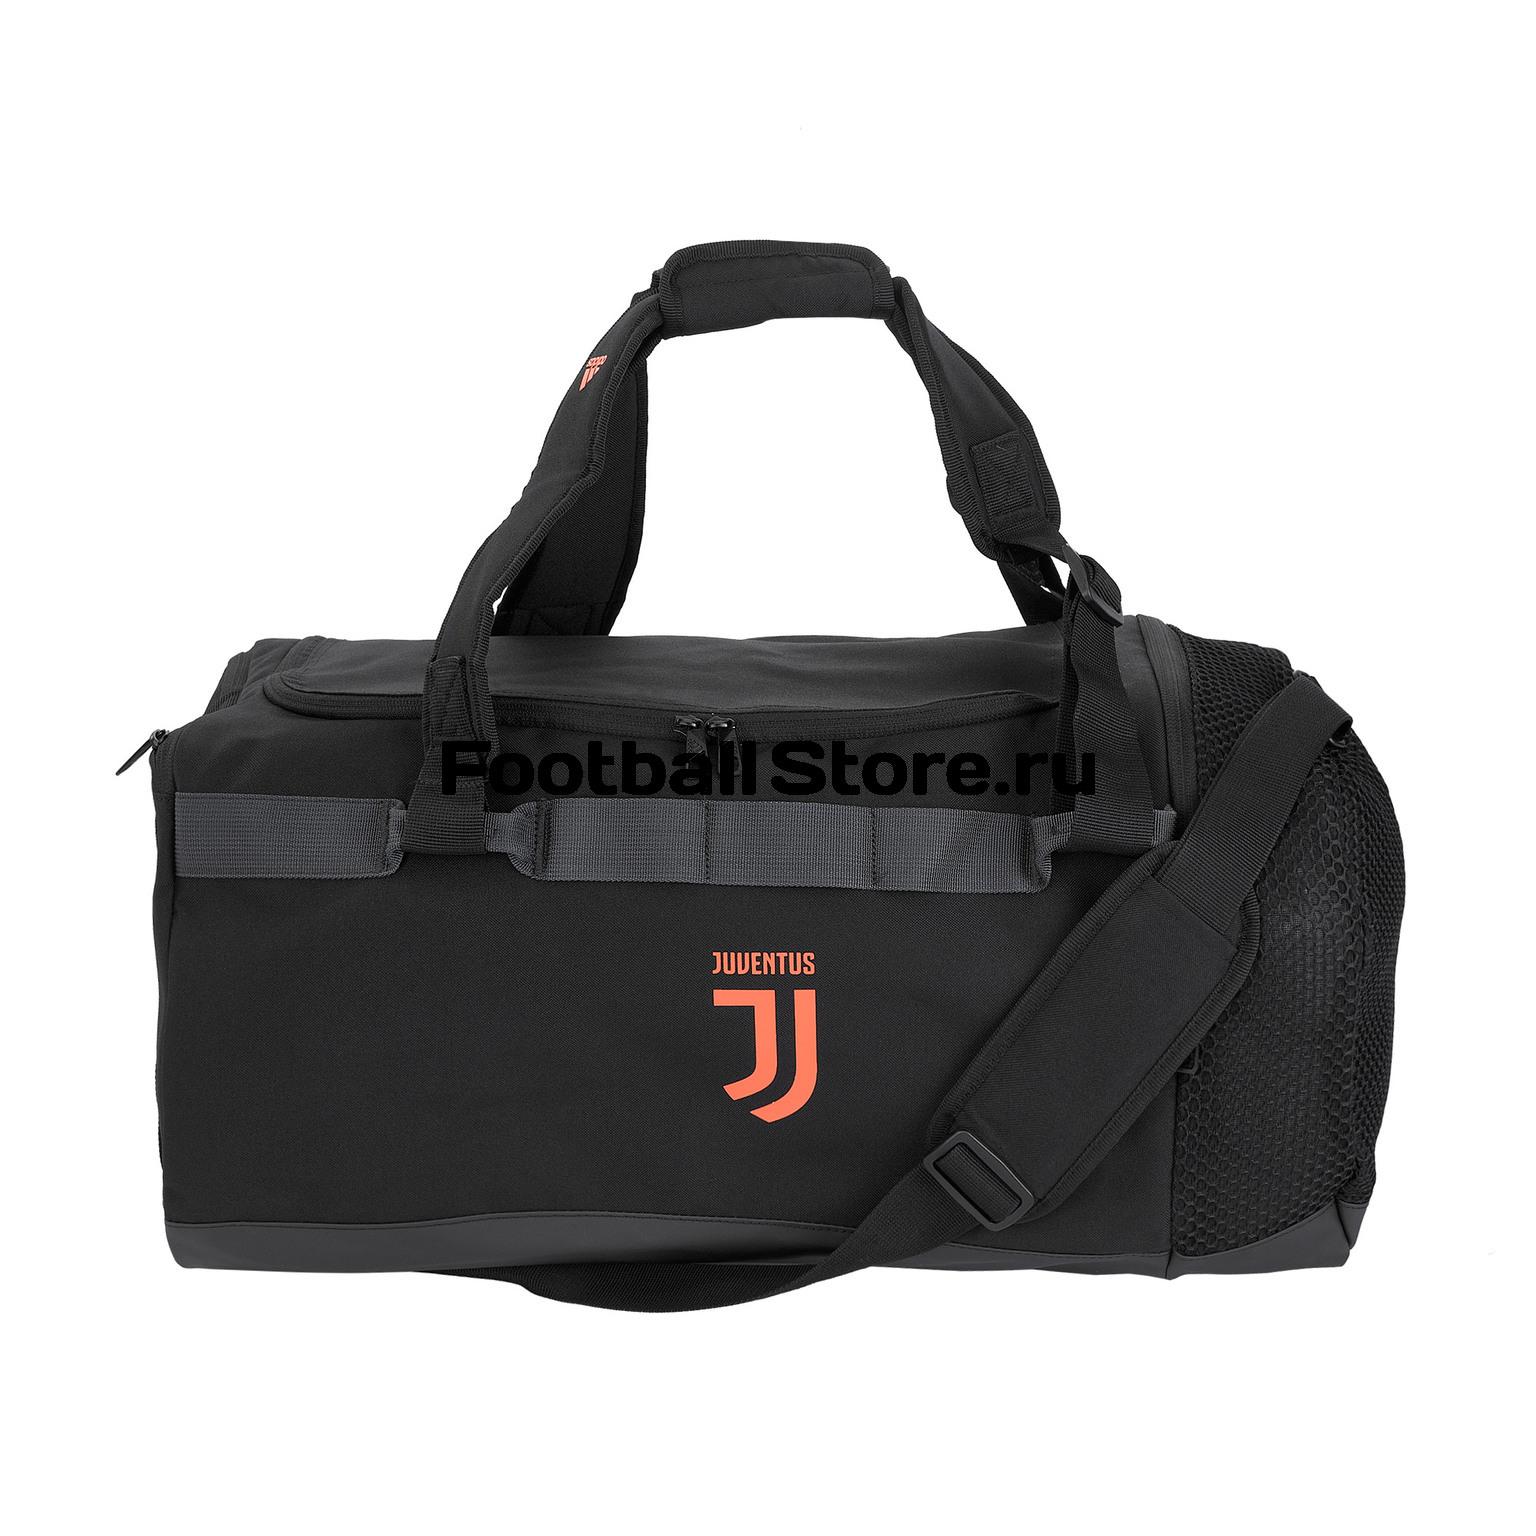 Сумка Adidas Juventus DY7523